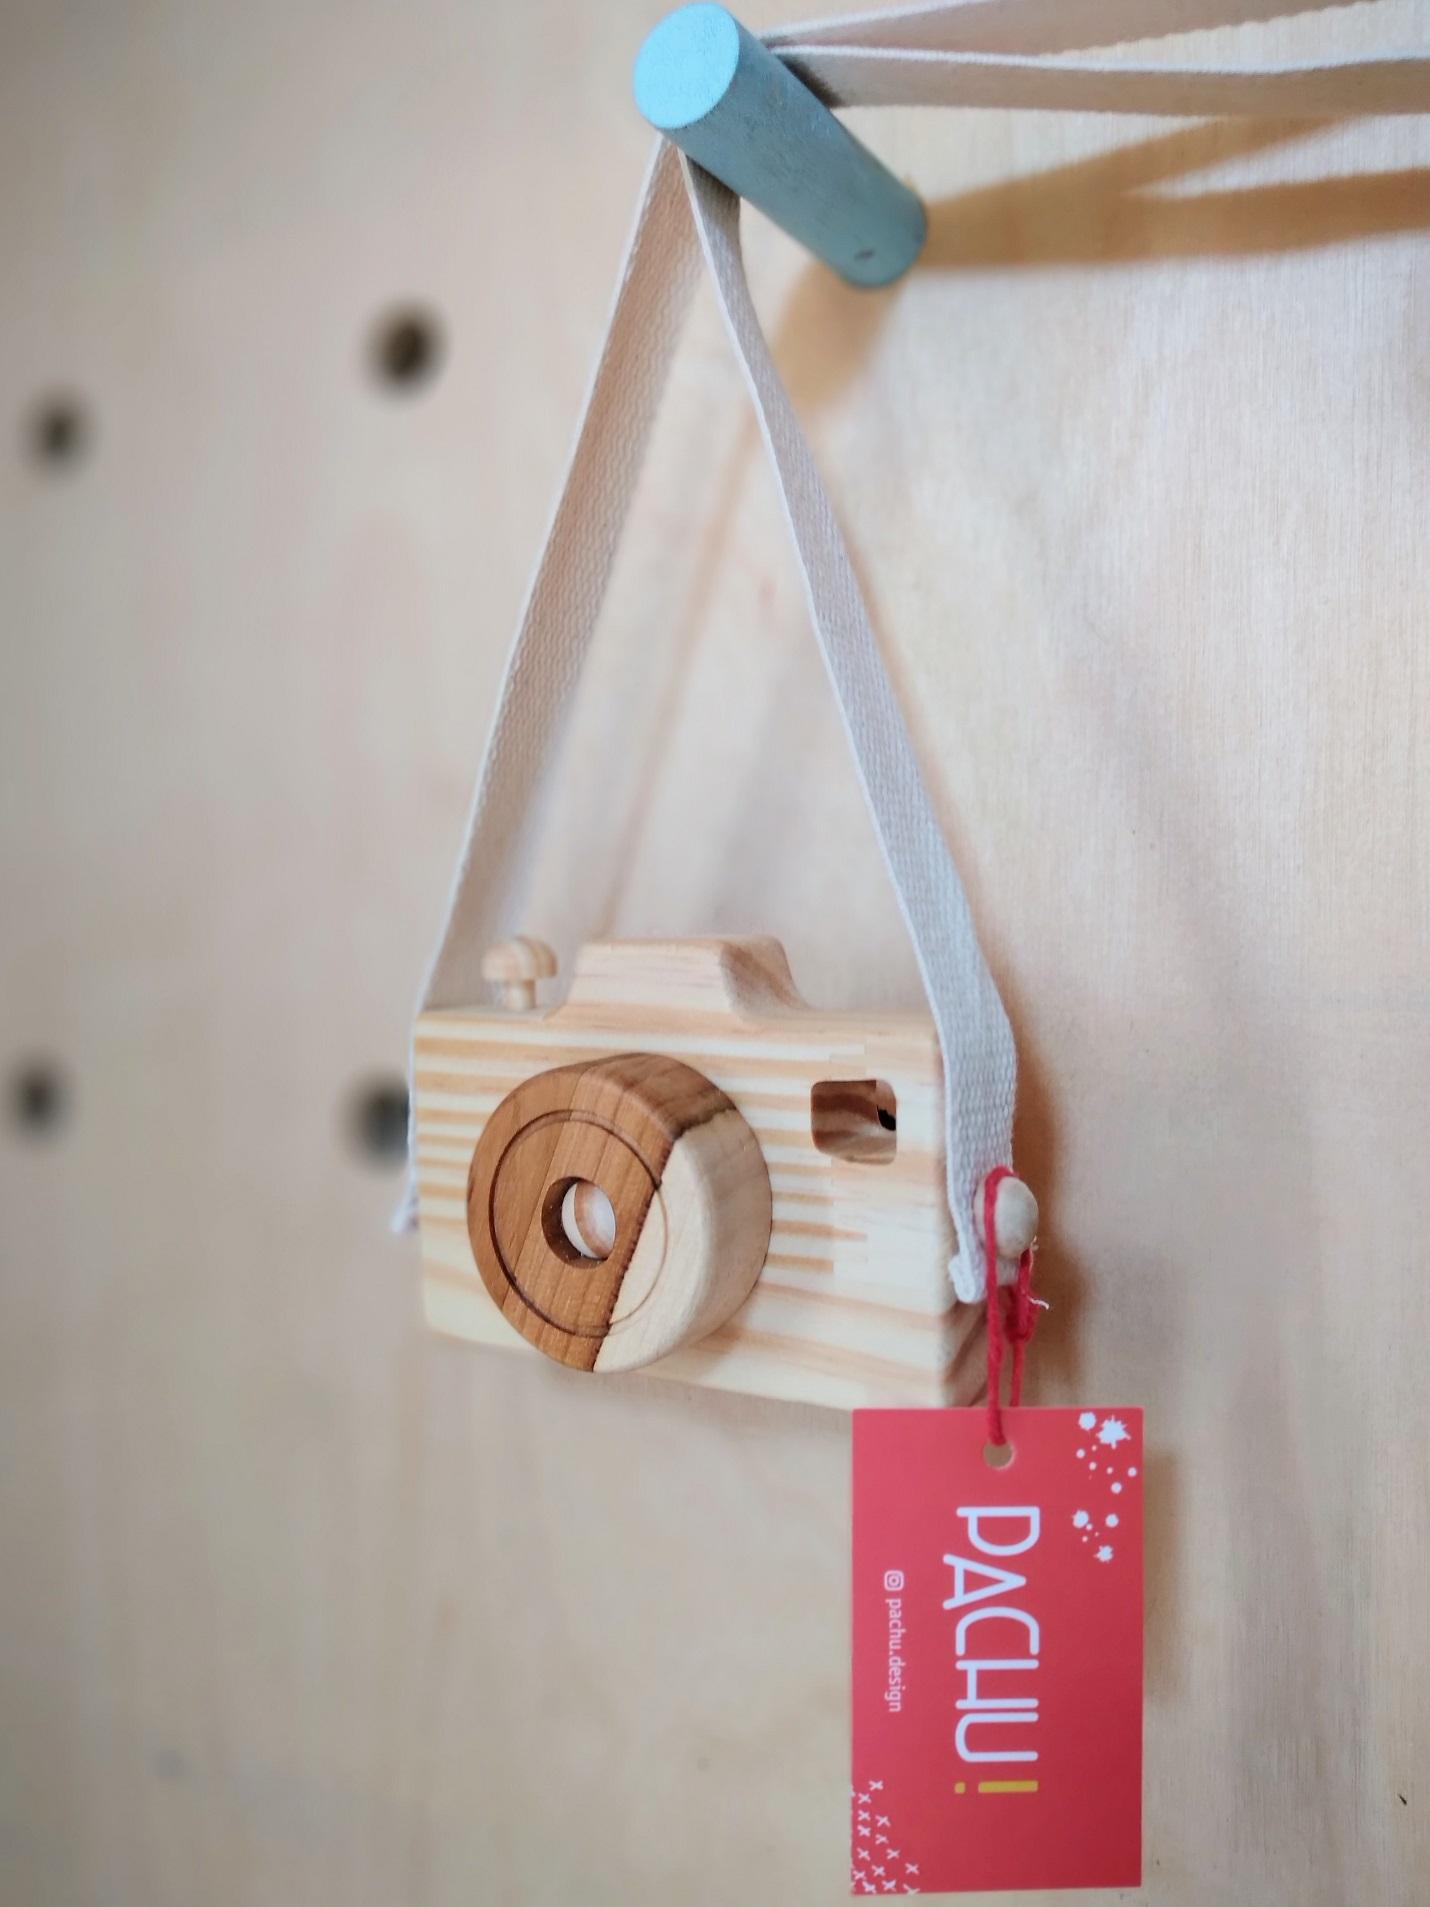 Câmera Fotográfica Lúdica de madeira, da Pachu - Cód. P-16